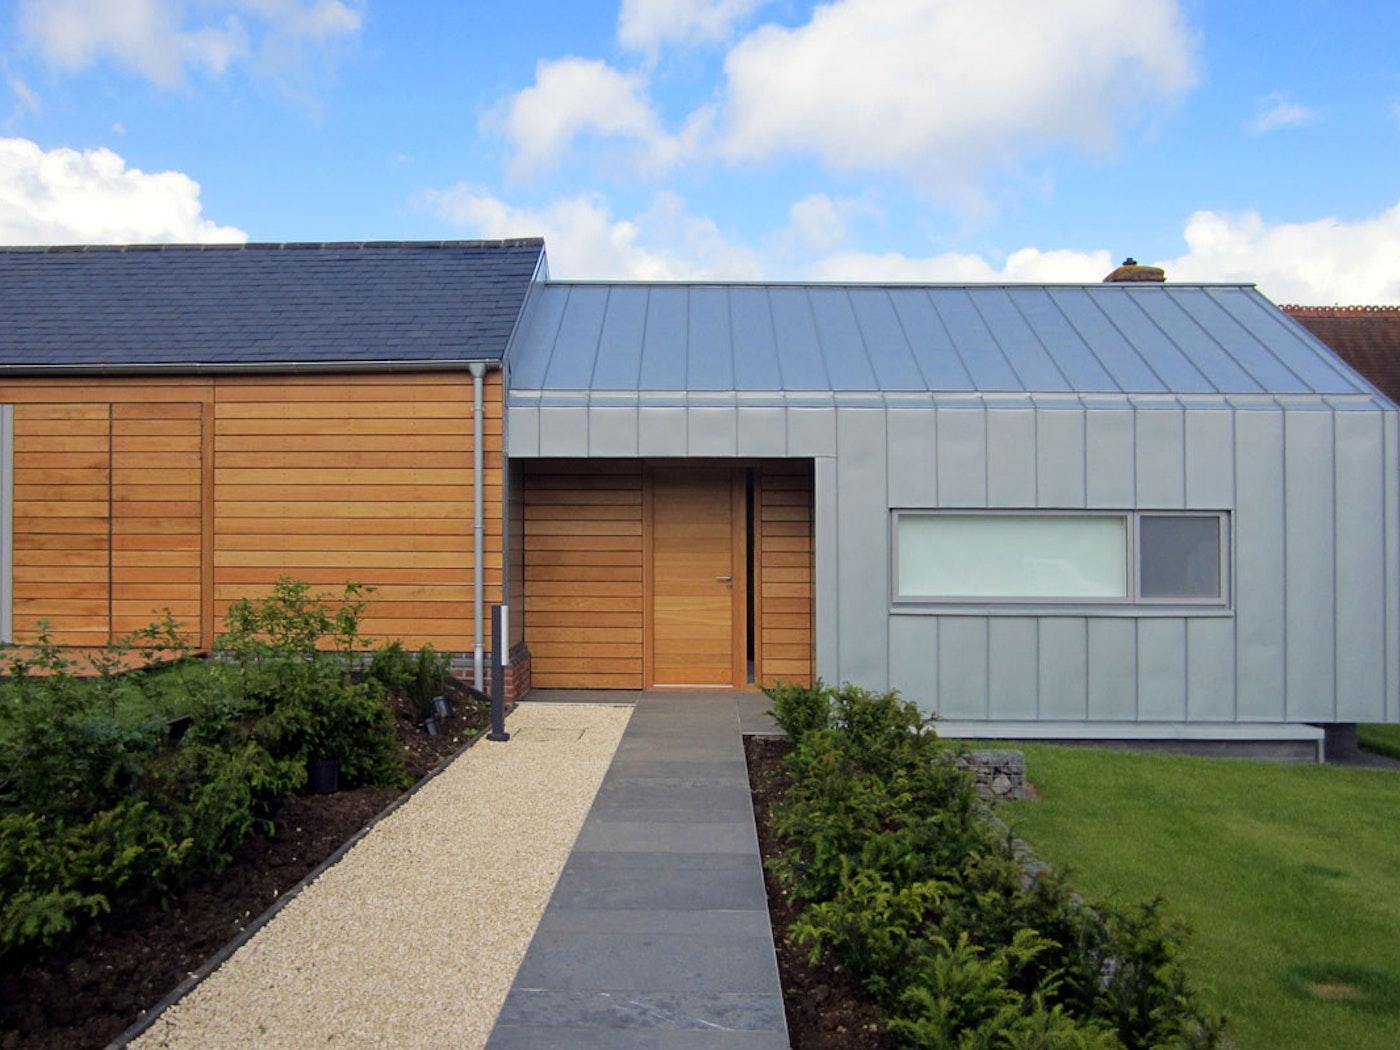 Oak wood | Matching side panels | Parma front door